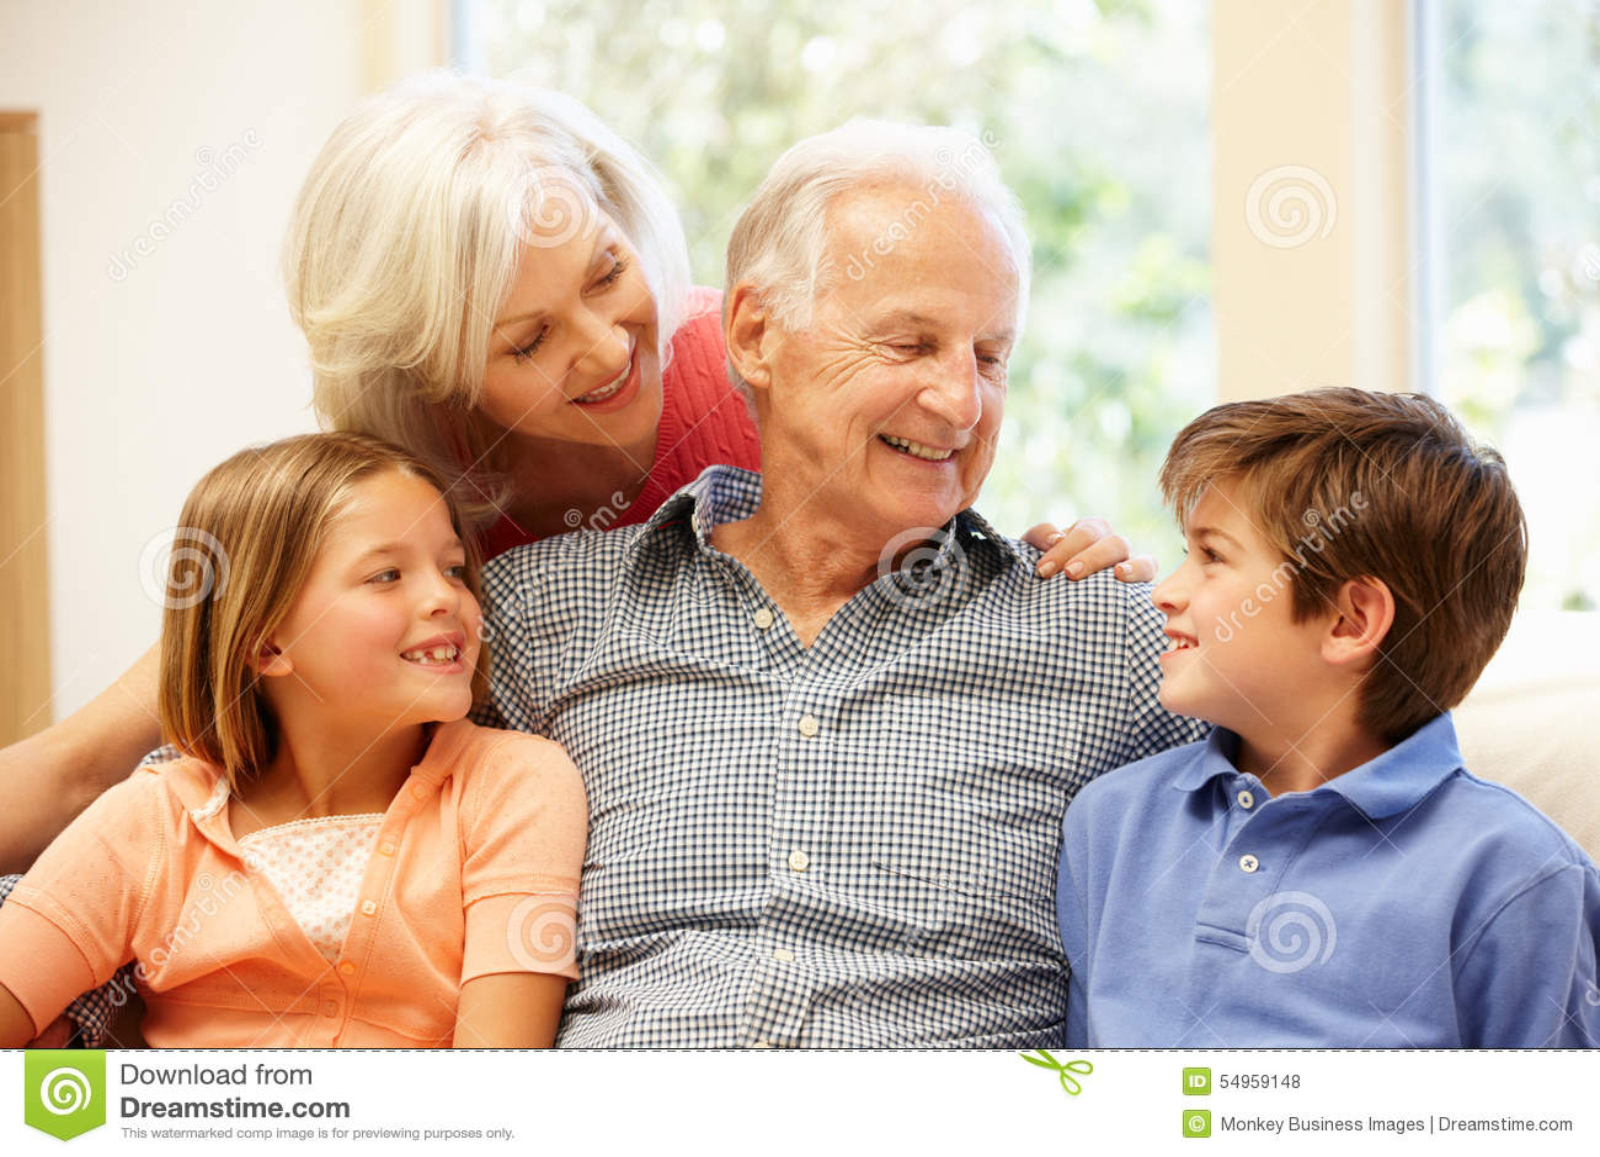 祖父项和孙